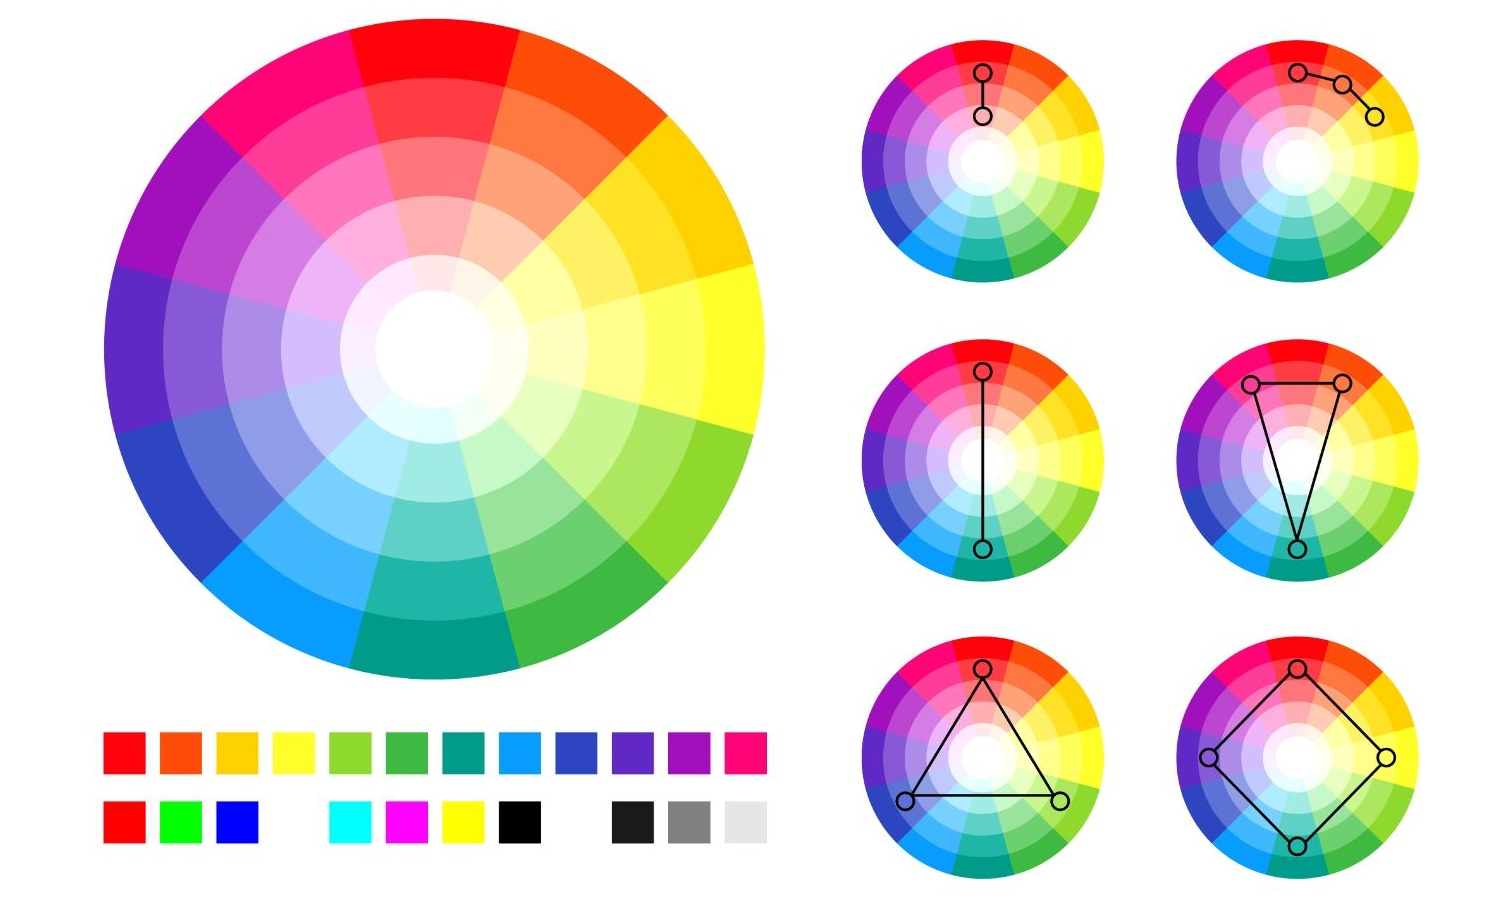 Ukážka farebného kolesa a vzájomných vzťahov medzi farbami